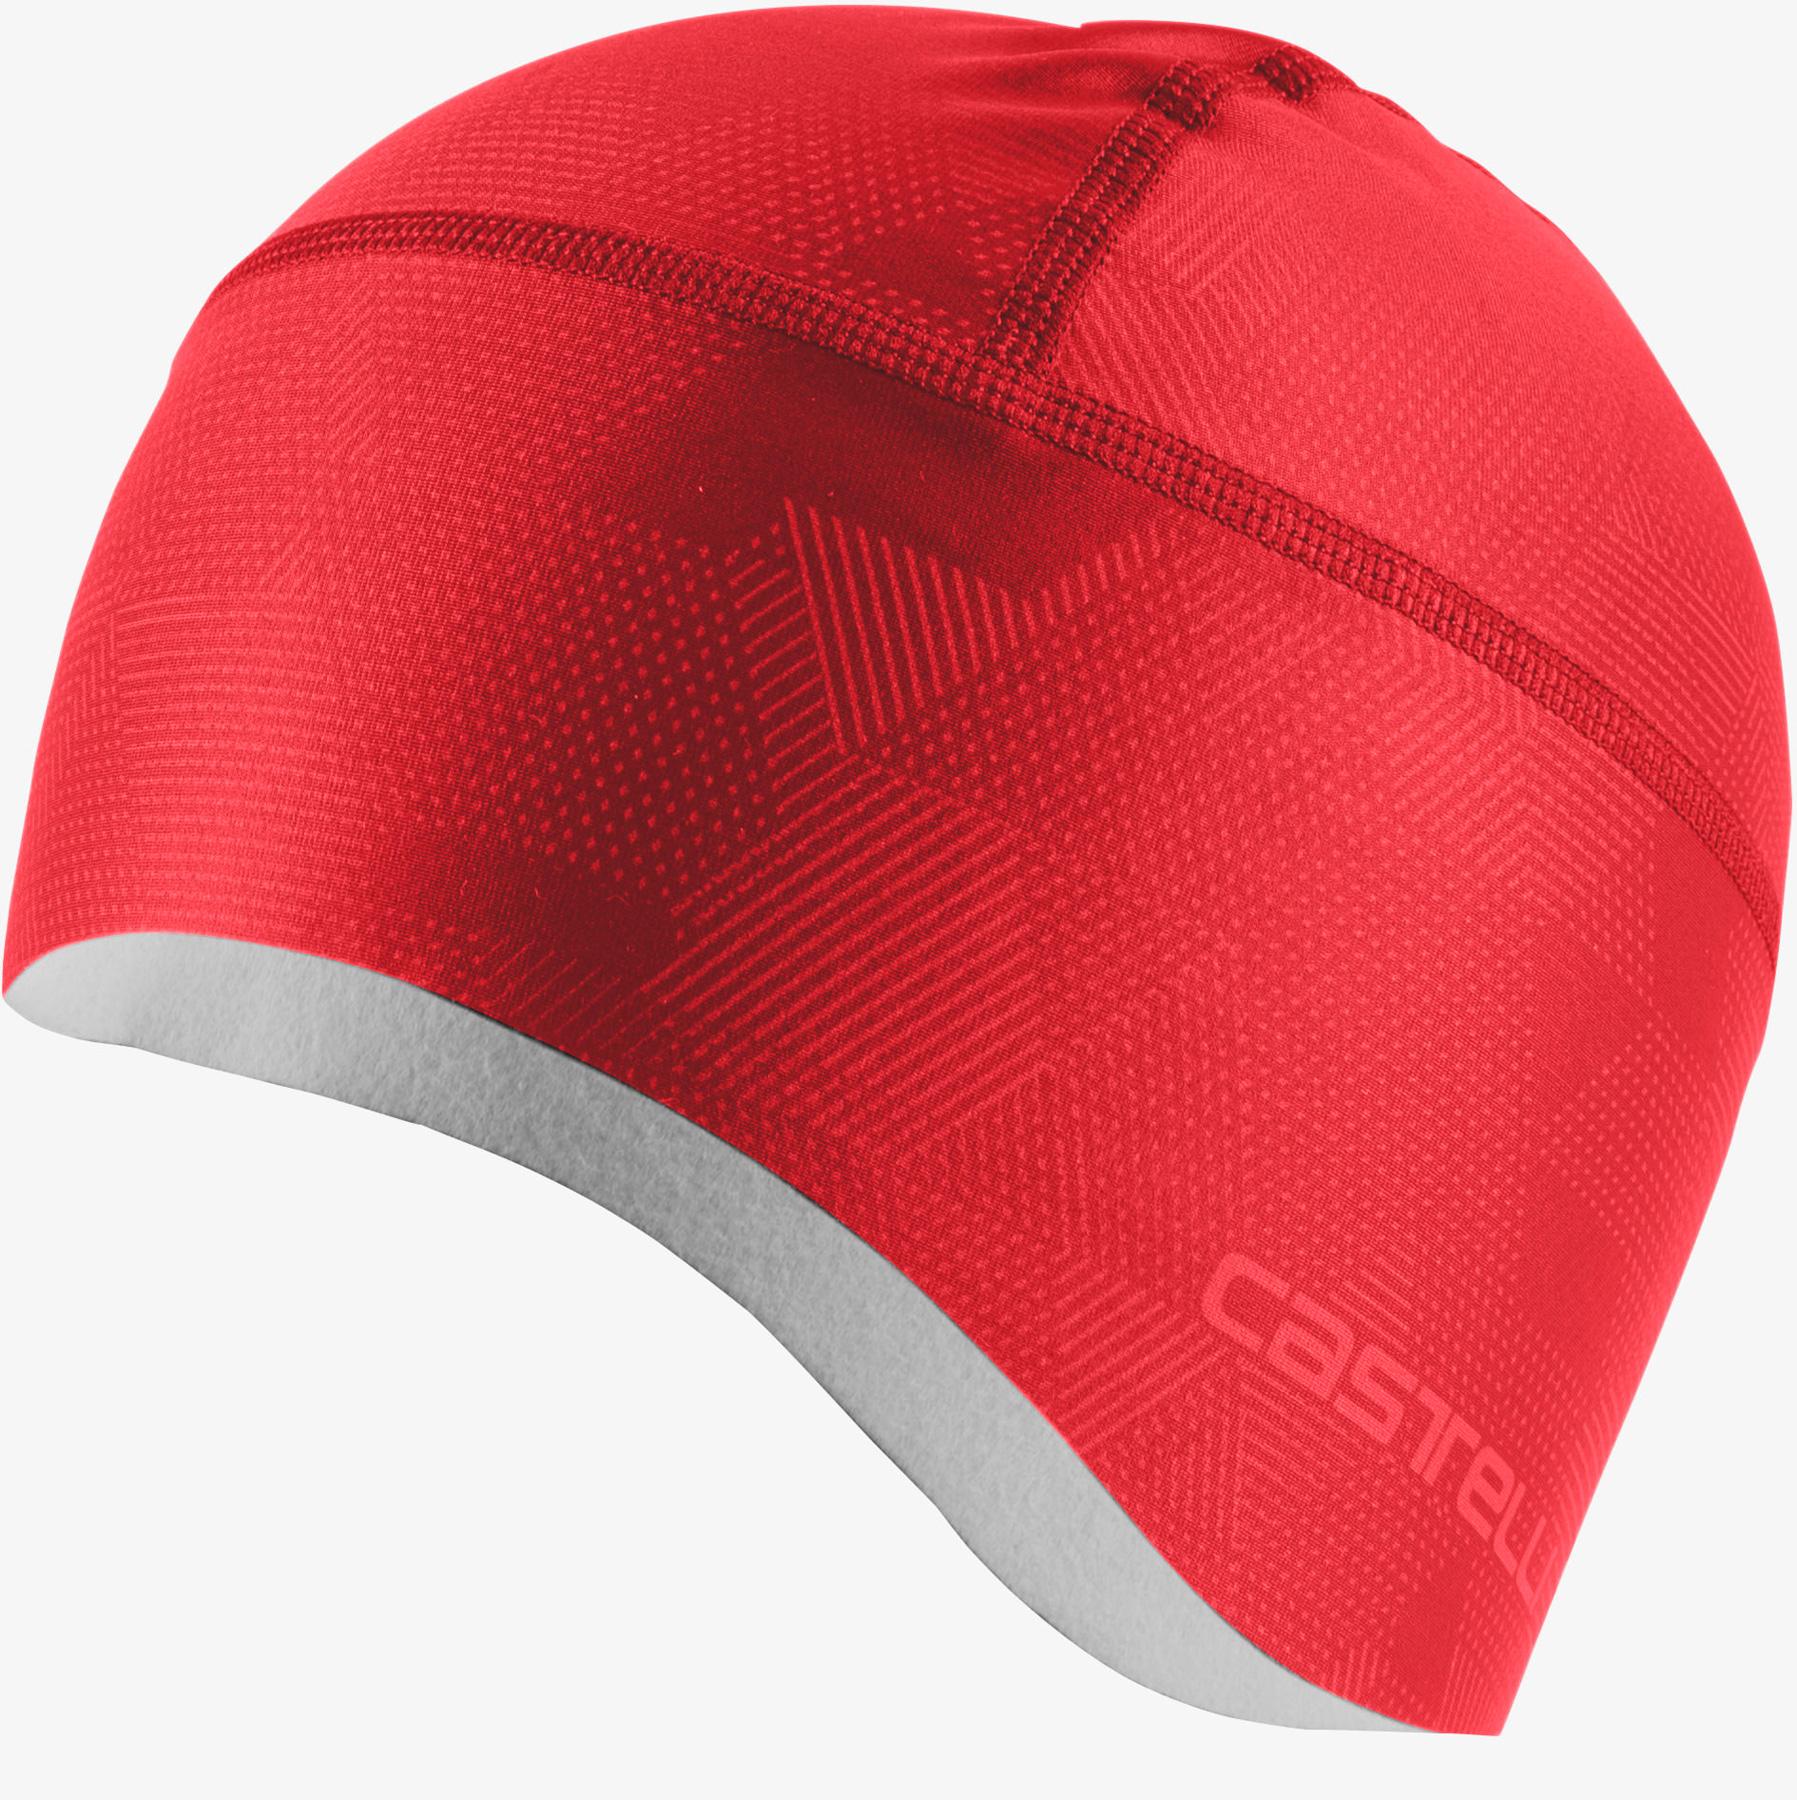 Produktbild von Castelli Pro Thermal Skully Unterhelm - red 023